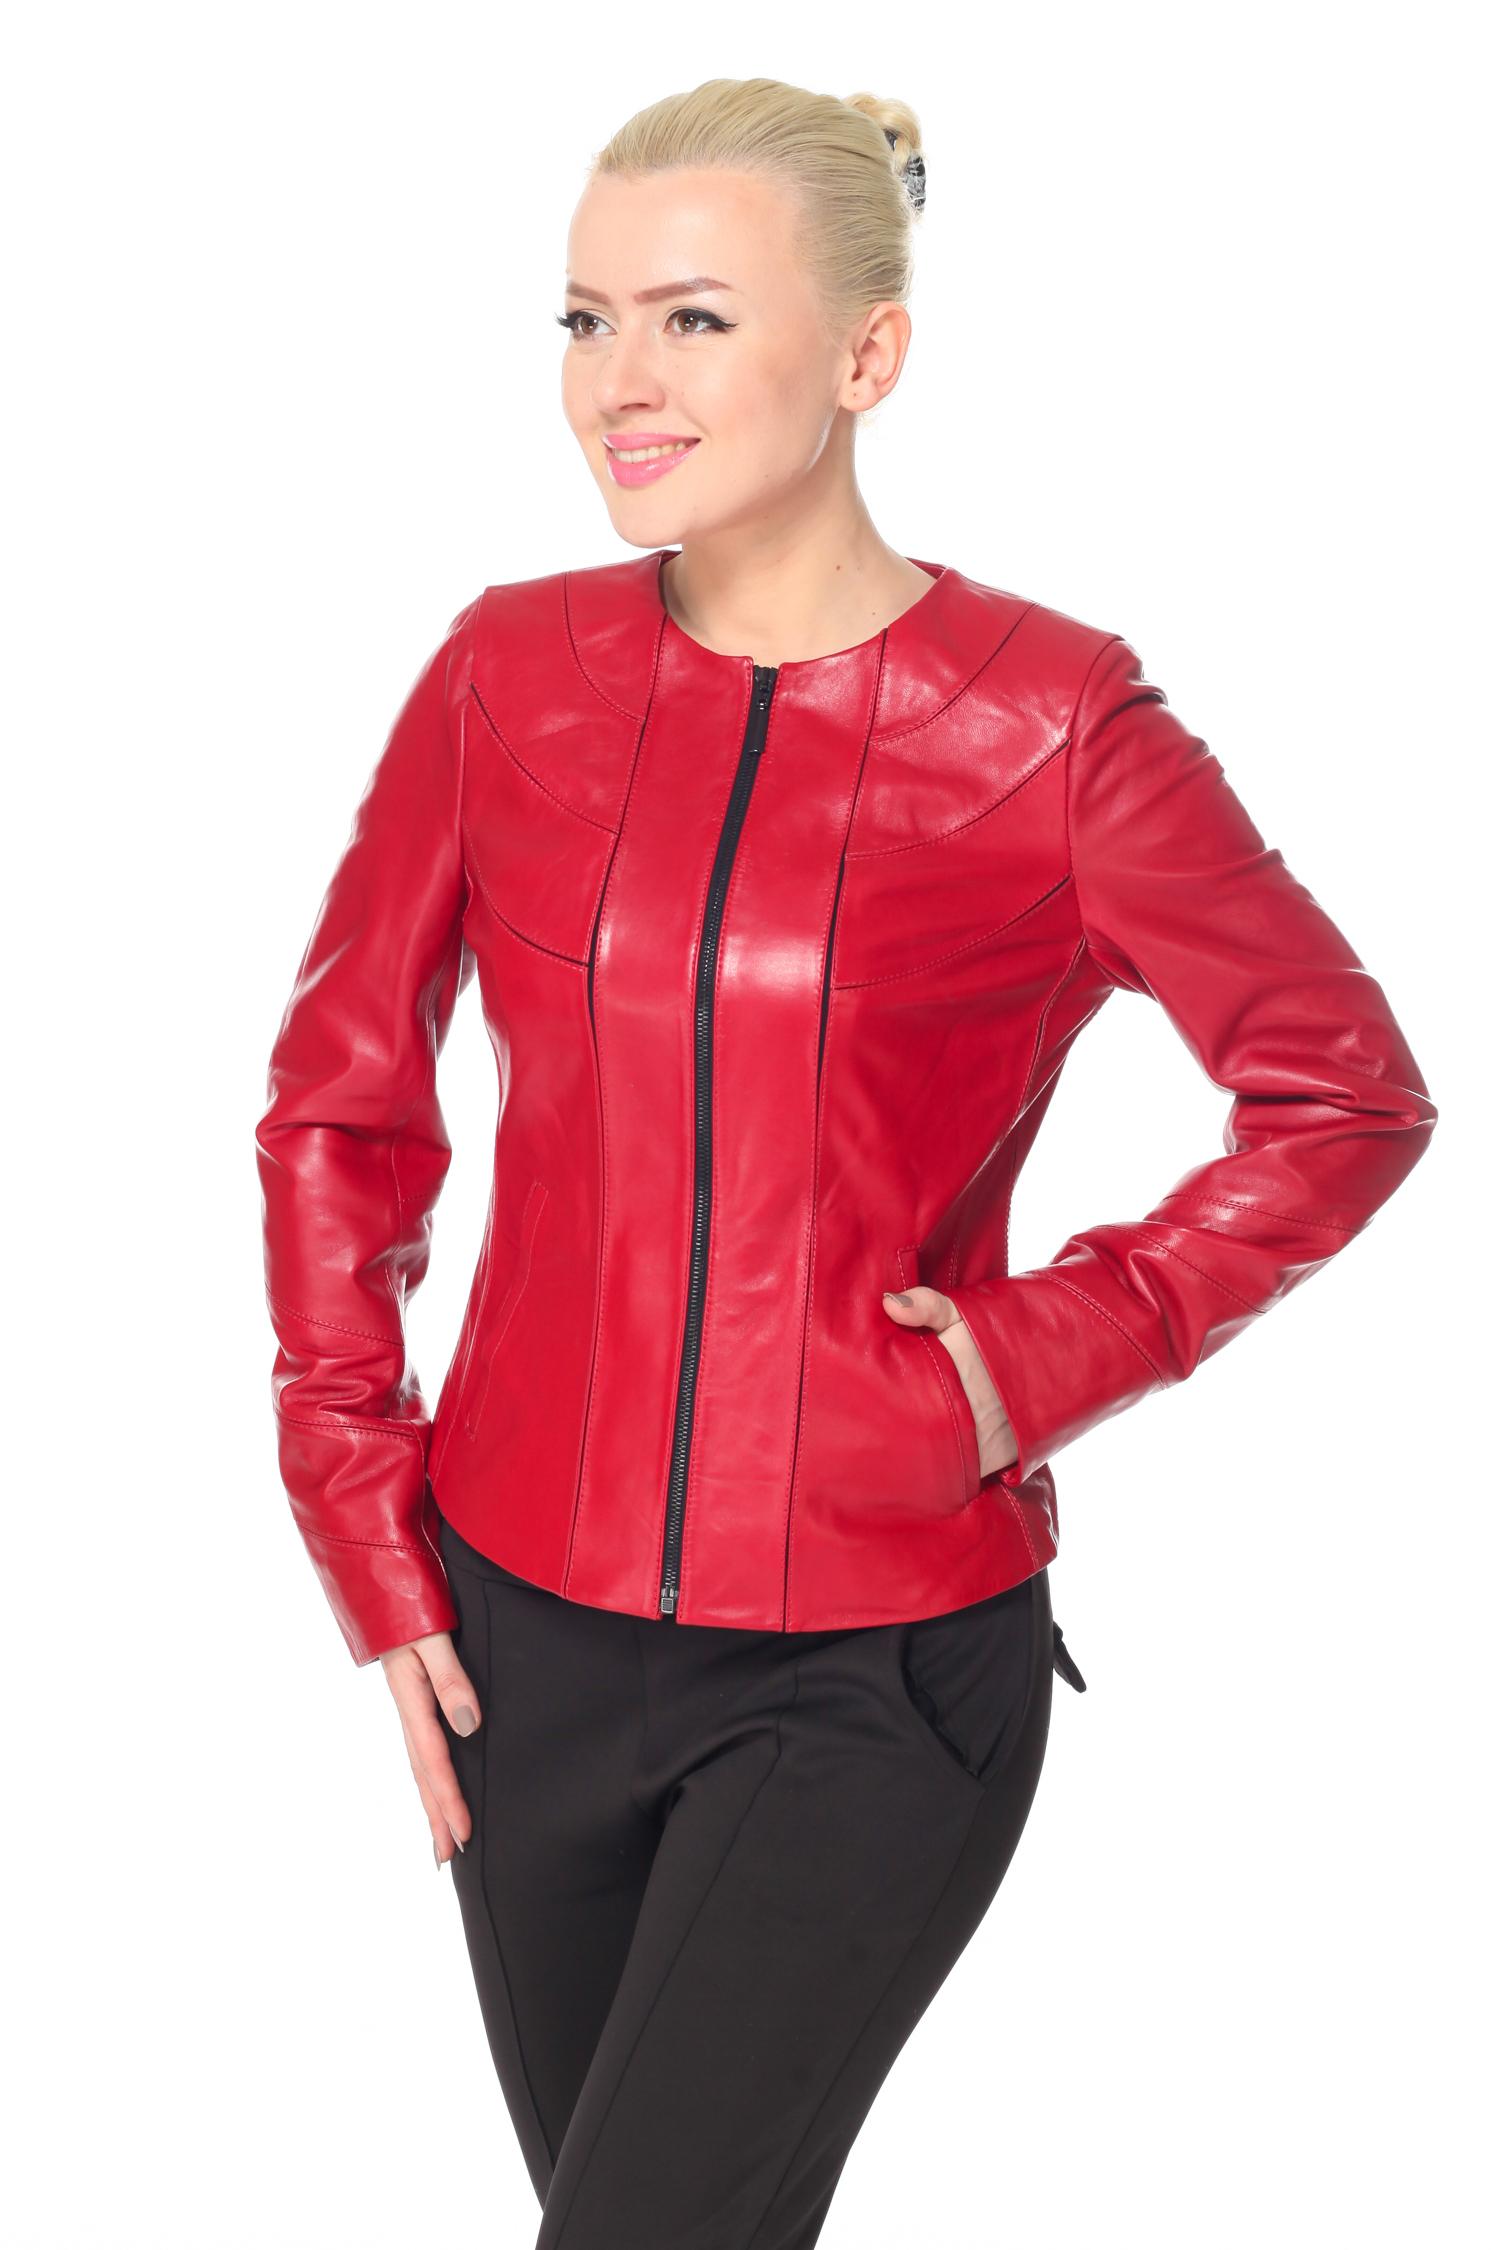 Женская кожаная куртка из натуральной кожи, без отделки